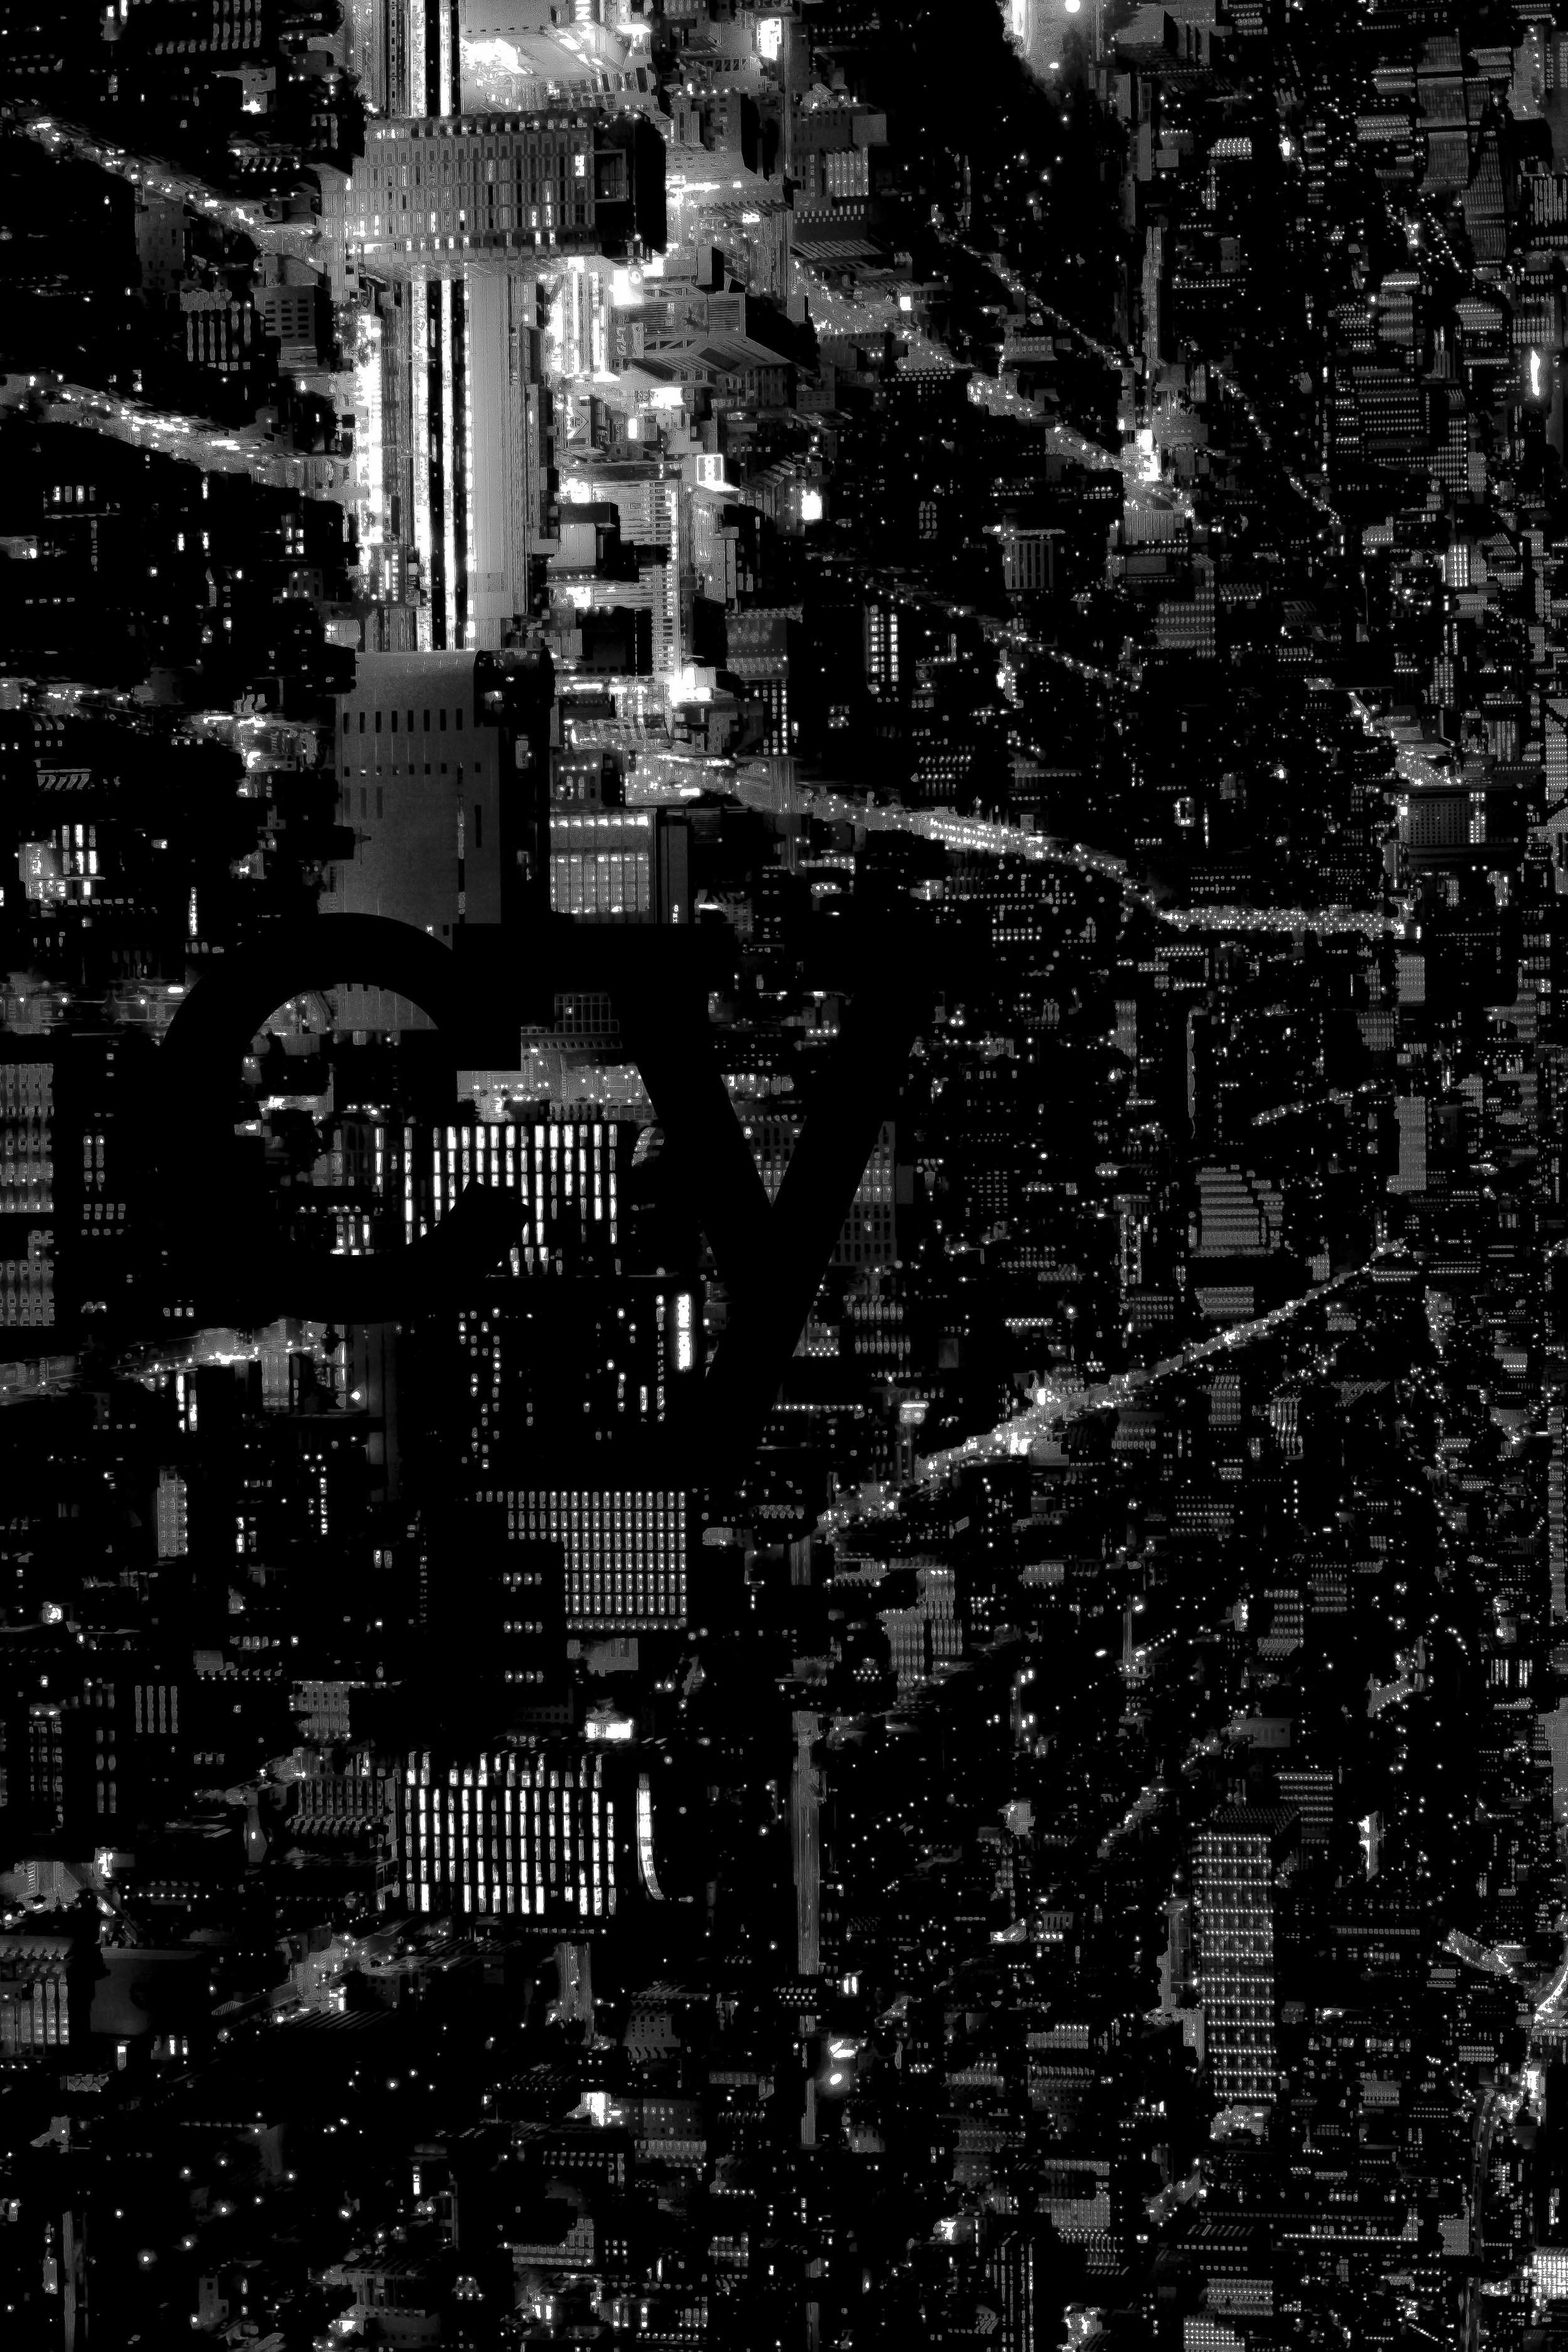 _MG_8264-3.jpg